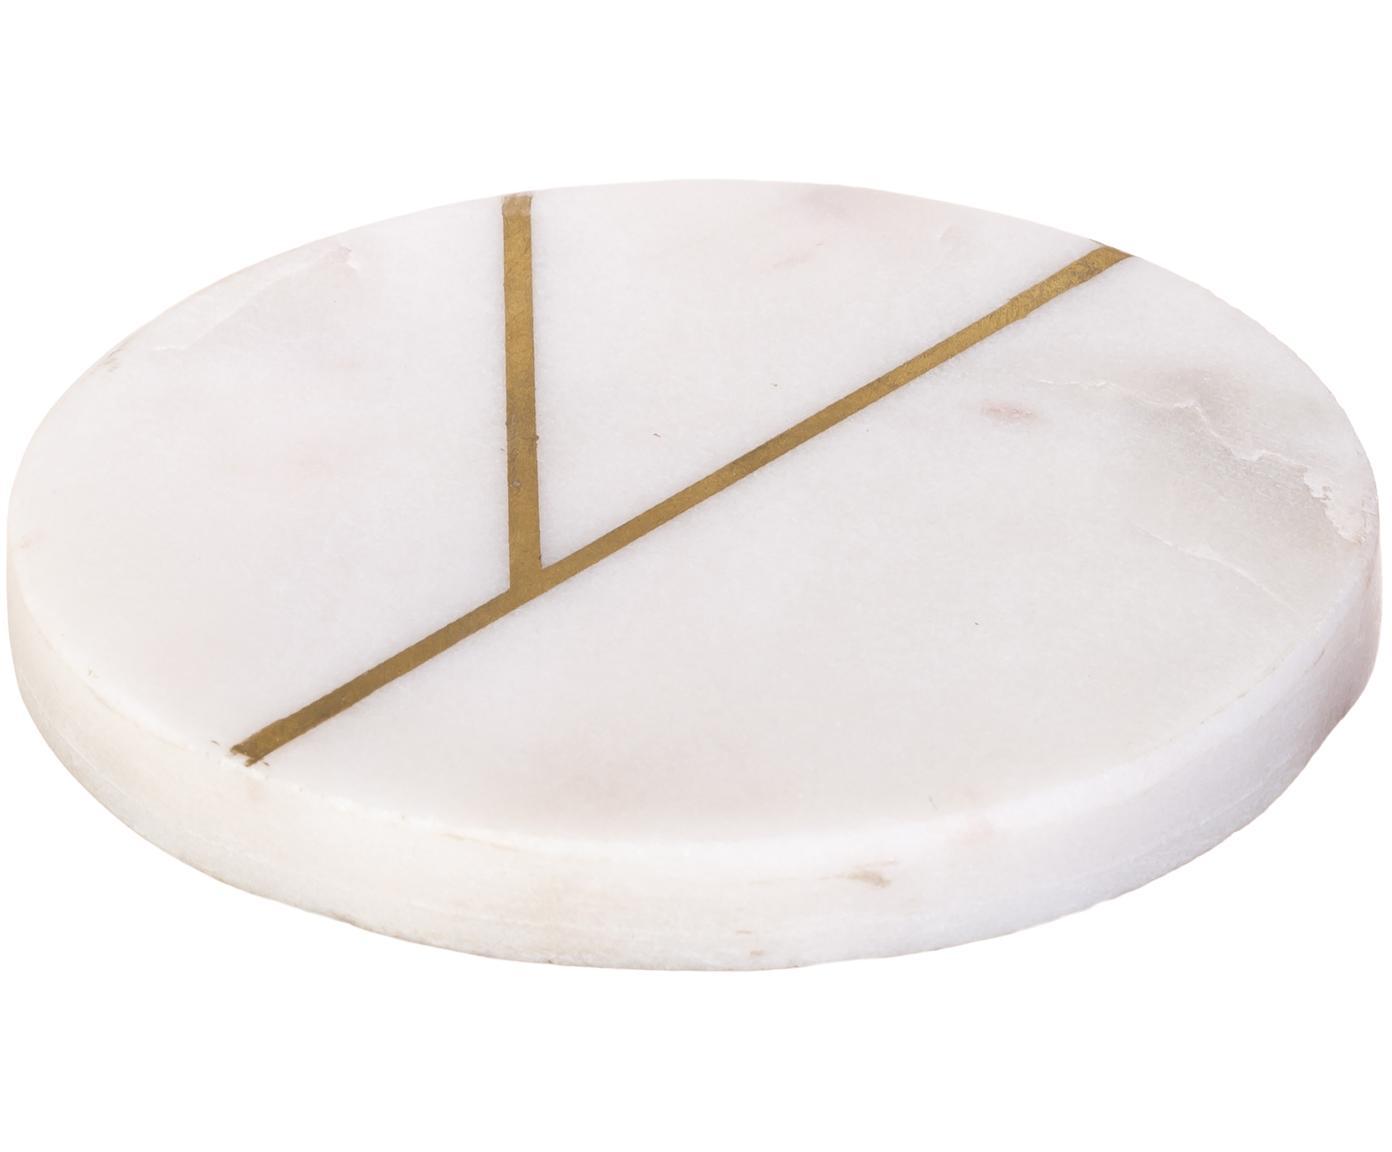 Sottobicchieri in marmo Marek, 4 pz., Marmo, Bianco marmorizzato, dorato, Ø 10 x A 1 cm